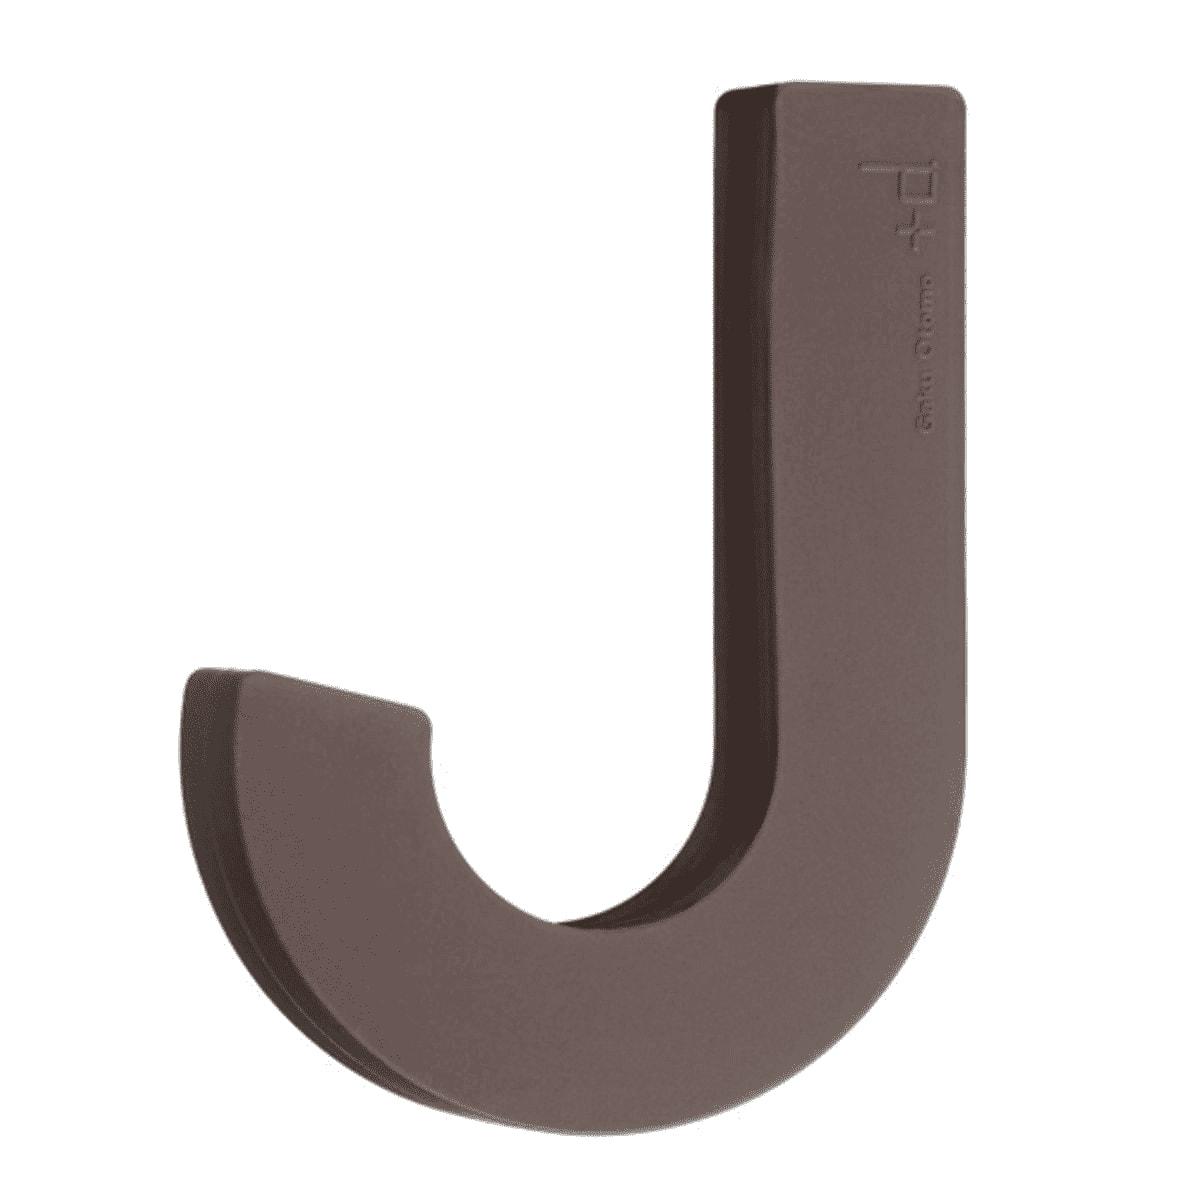 Patère design souple en silicone marron